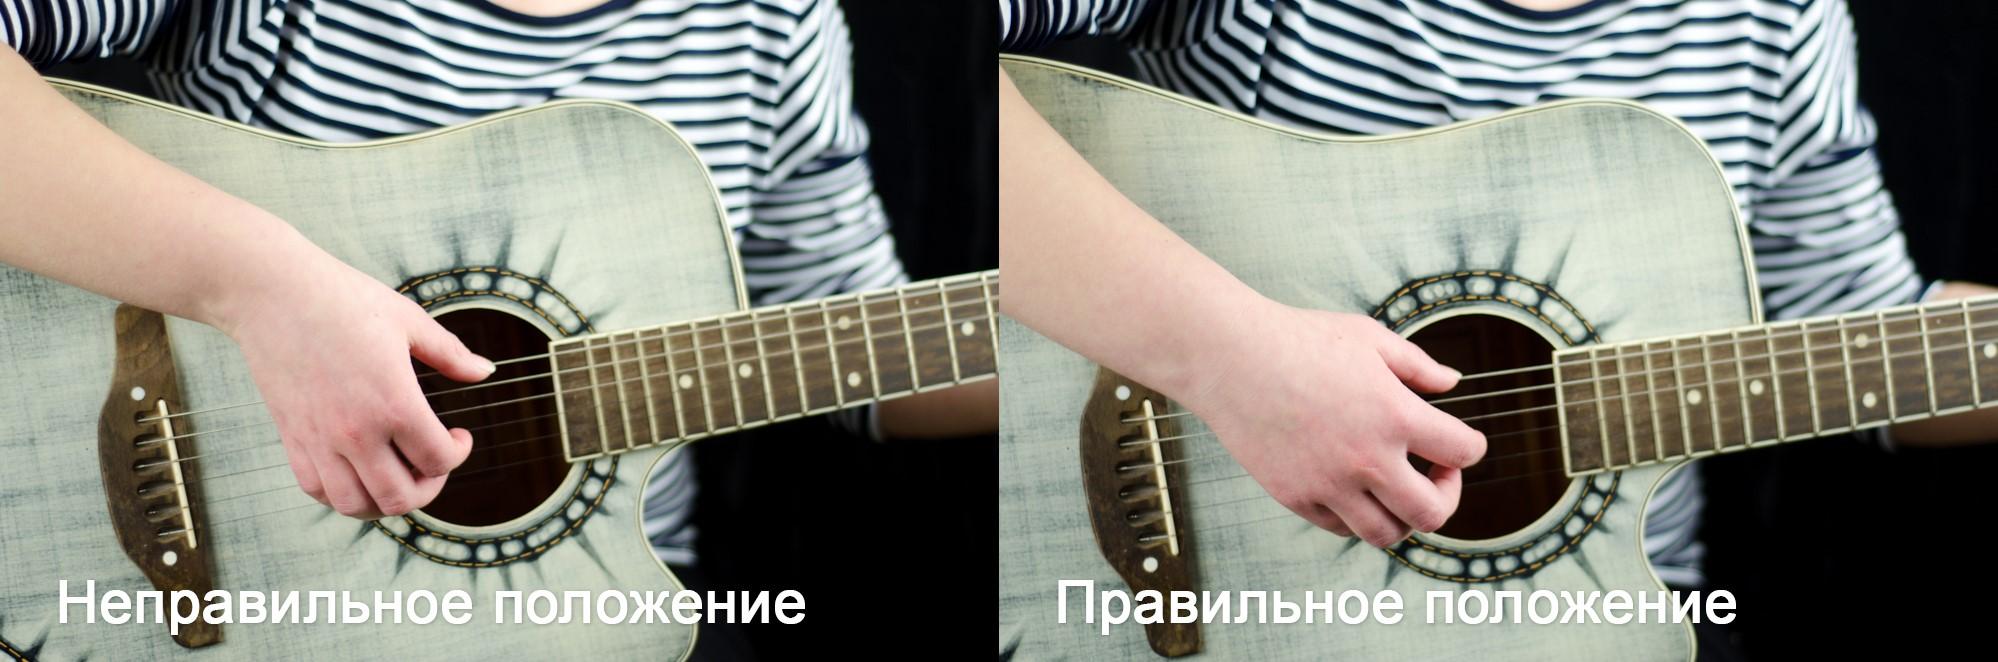 Правильное расположение на струнах кисти правой руки